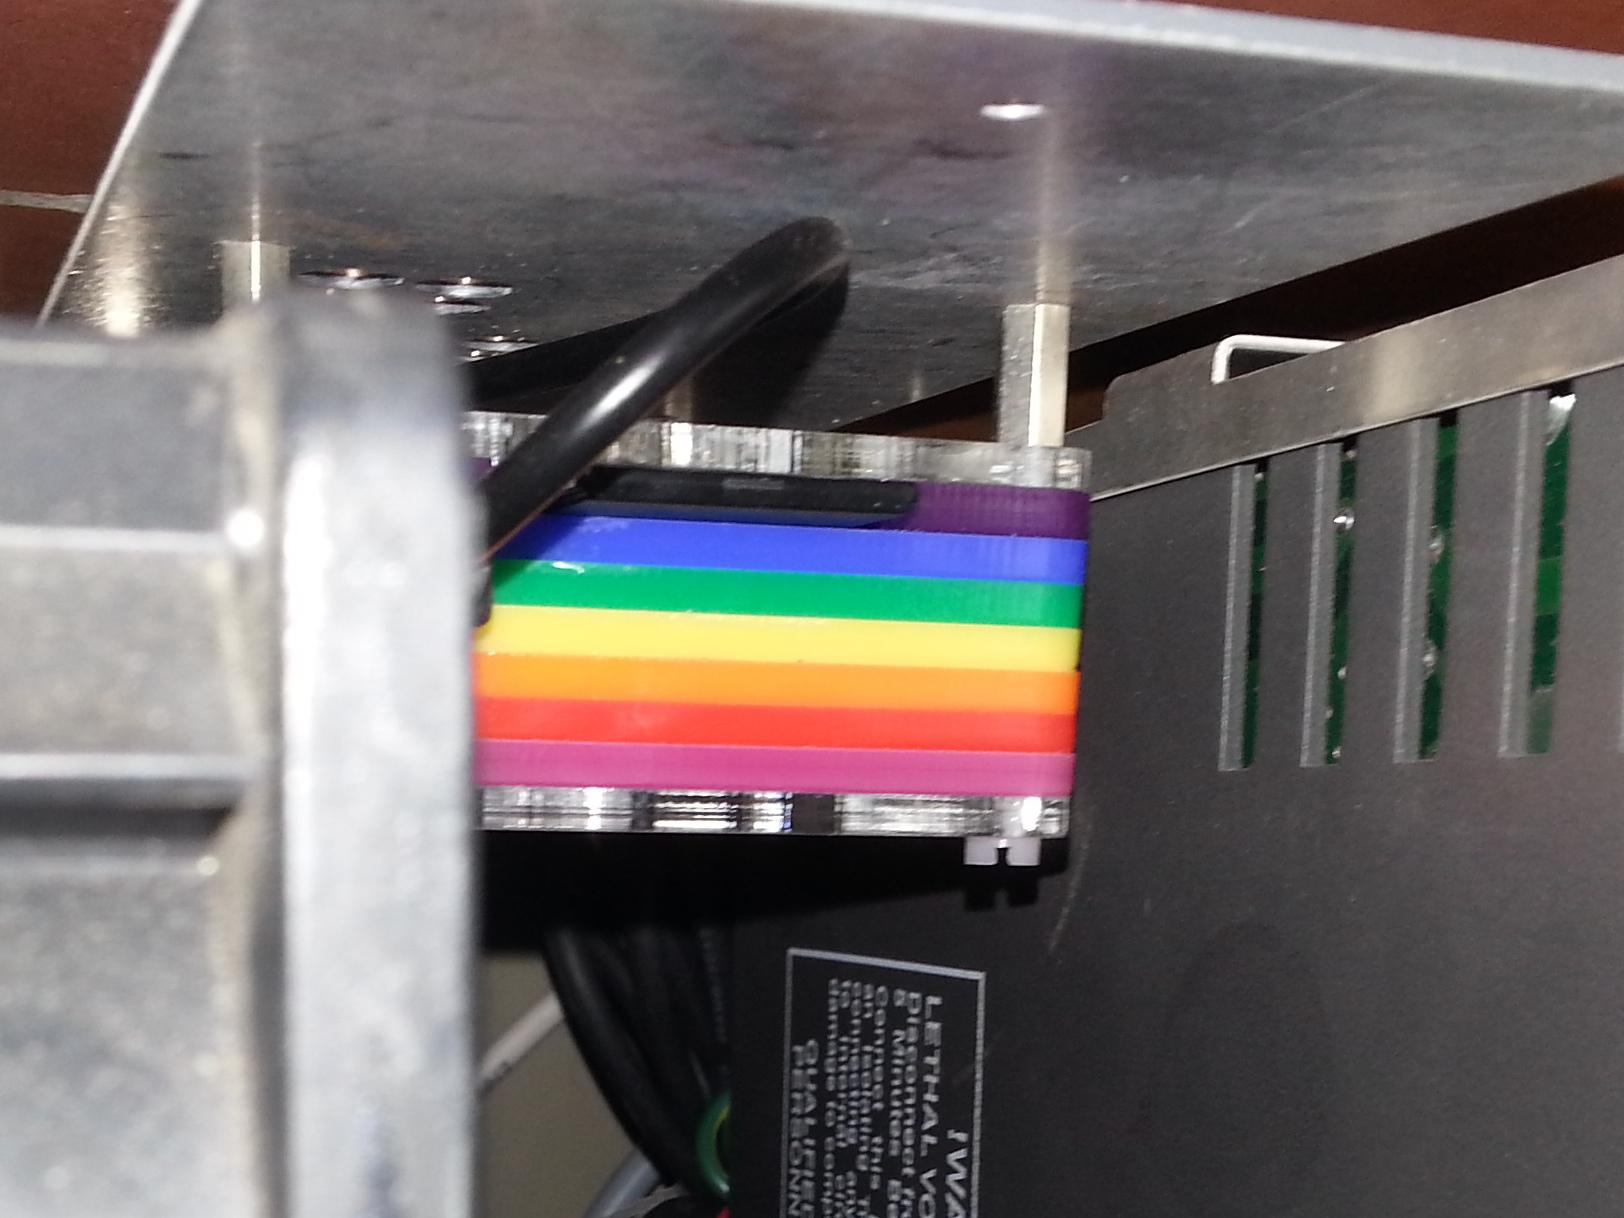 RPi inside T800